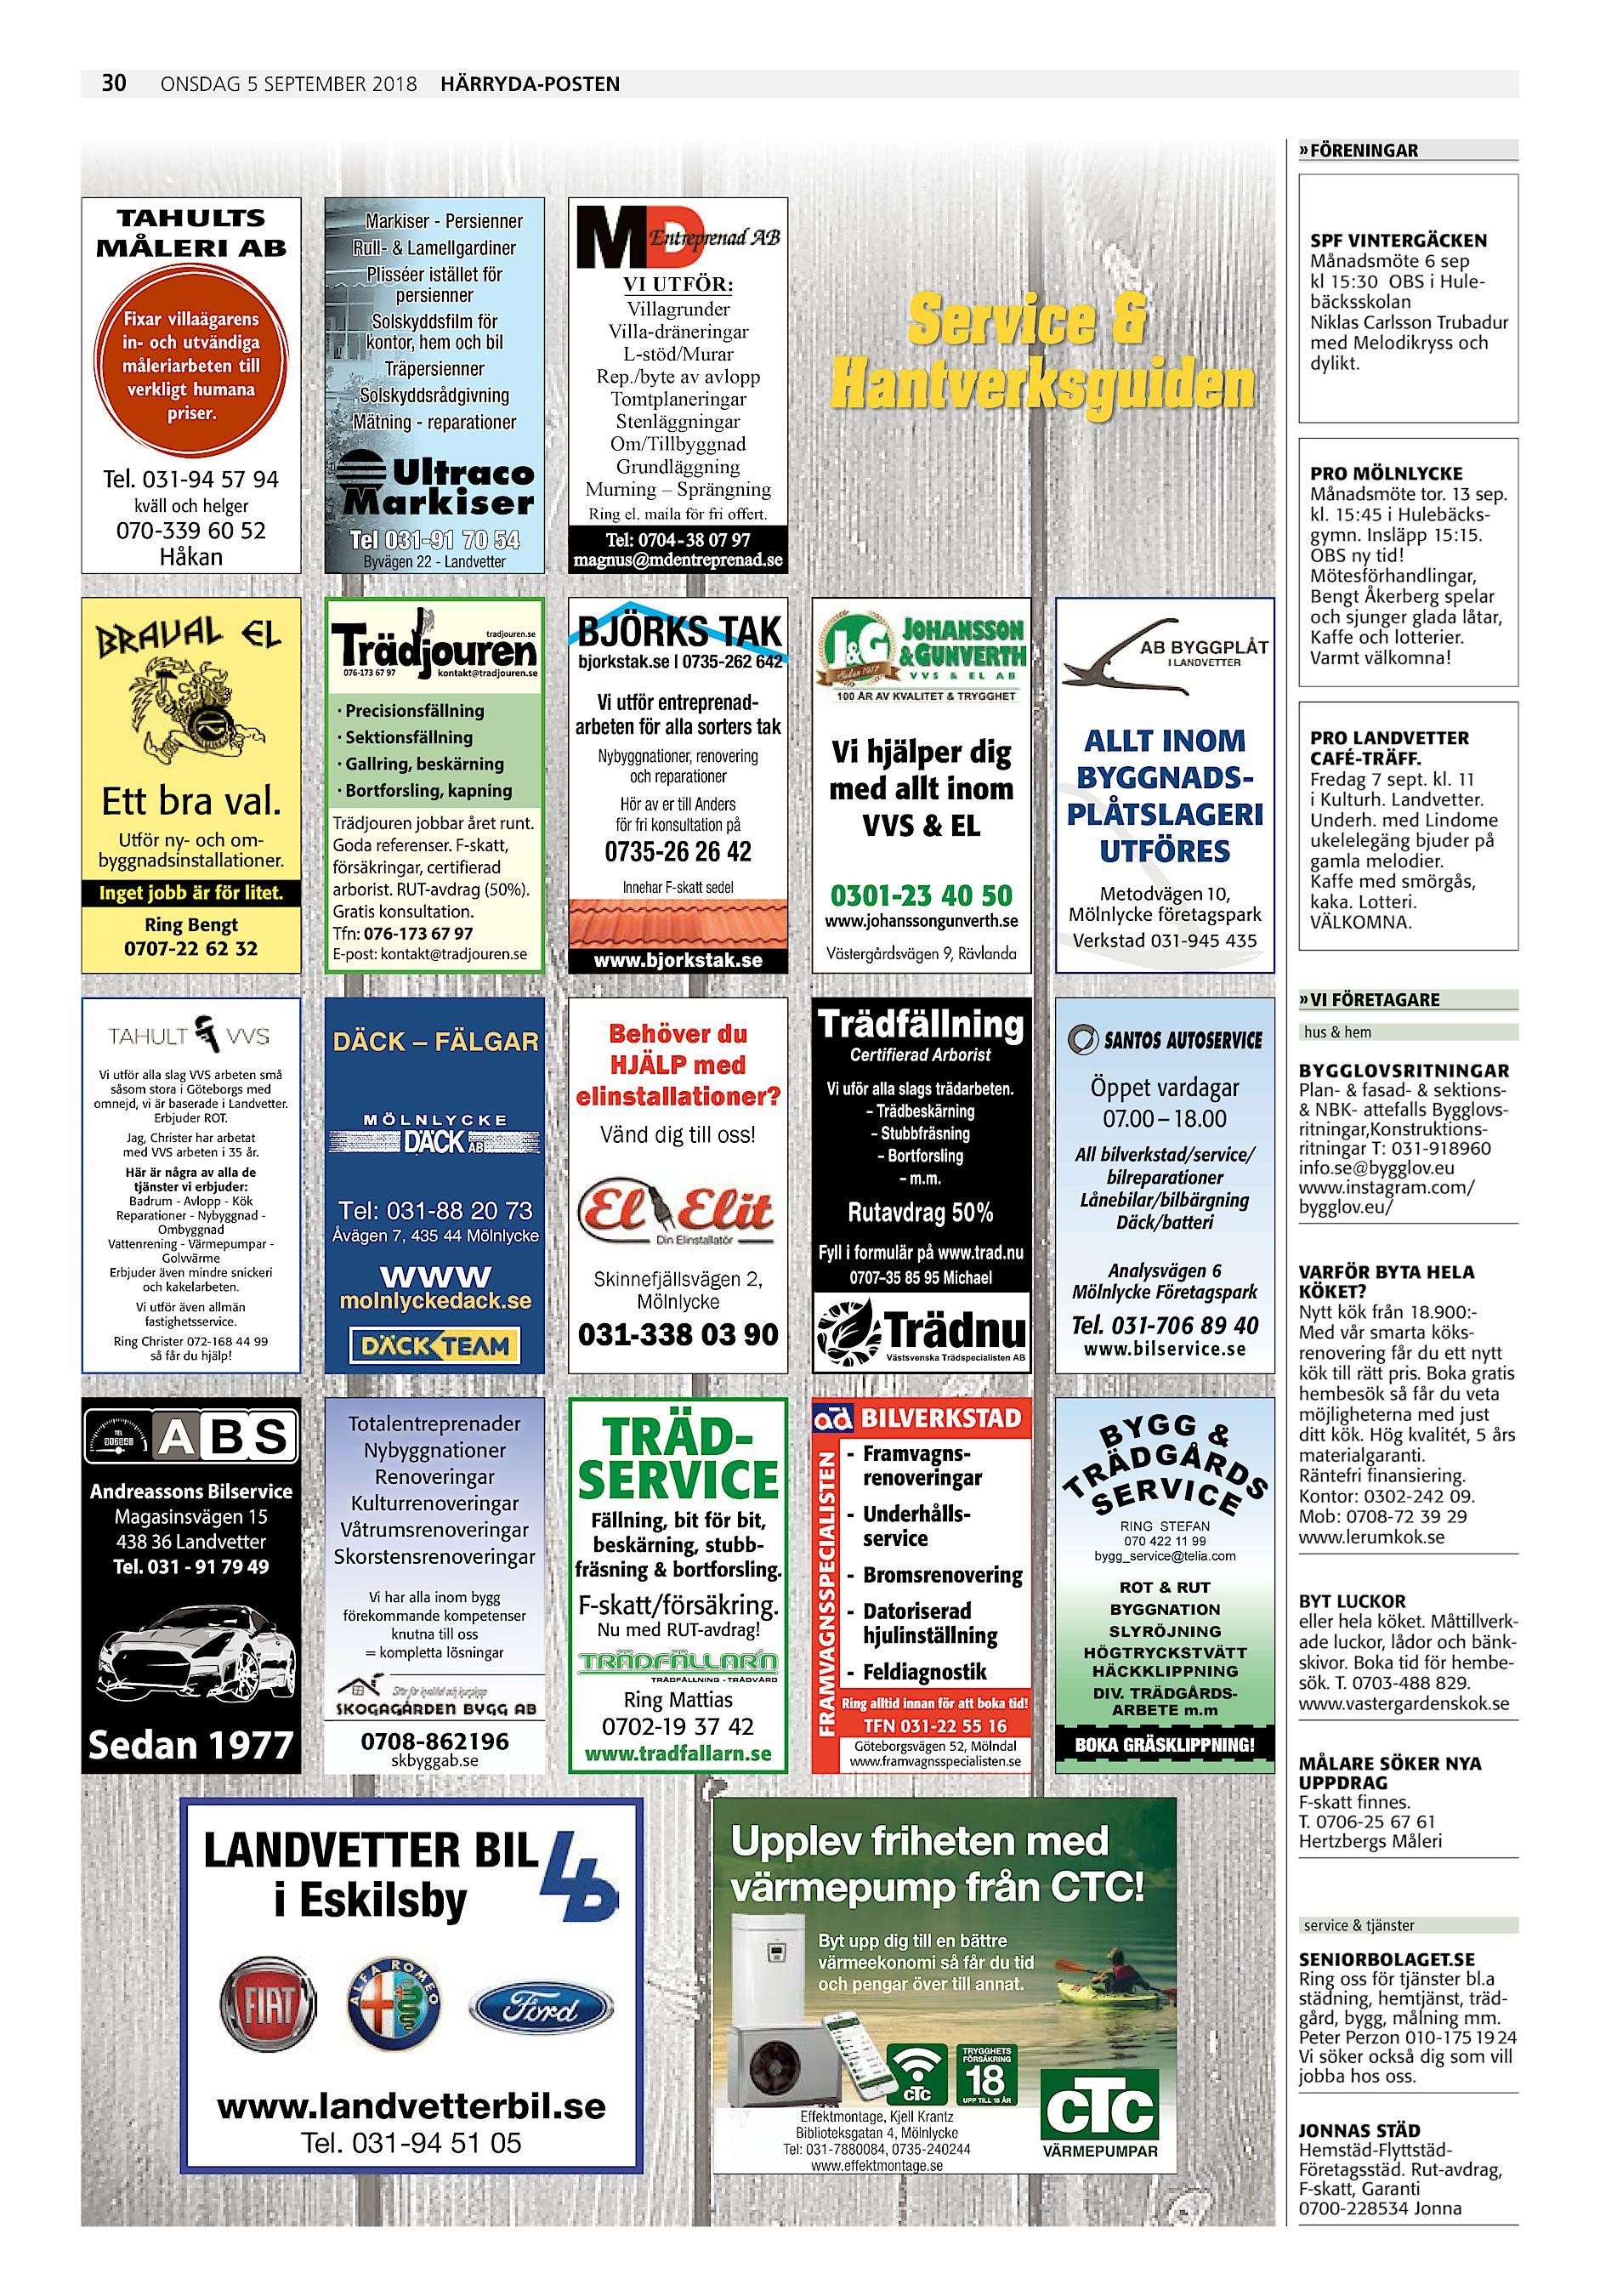 landvetter buss station nyc schedule Nickelmountain